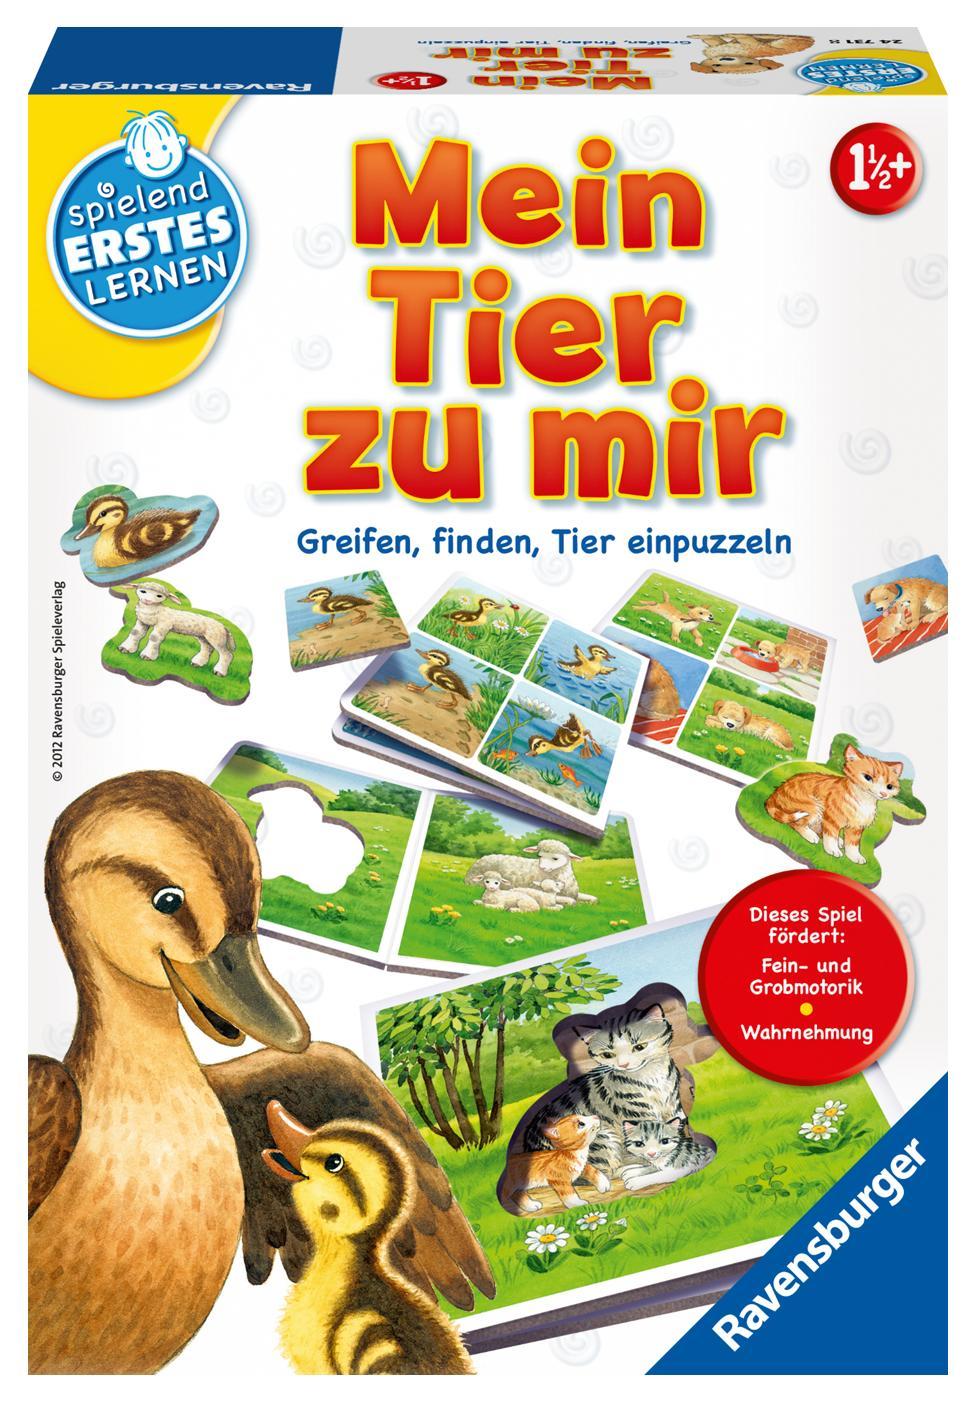 Mein-Tier-zu-mir-Greifen-finden-und-Tier-einpuzzeln-Ab-18-Monate-Spiel-Deutsch